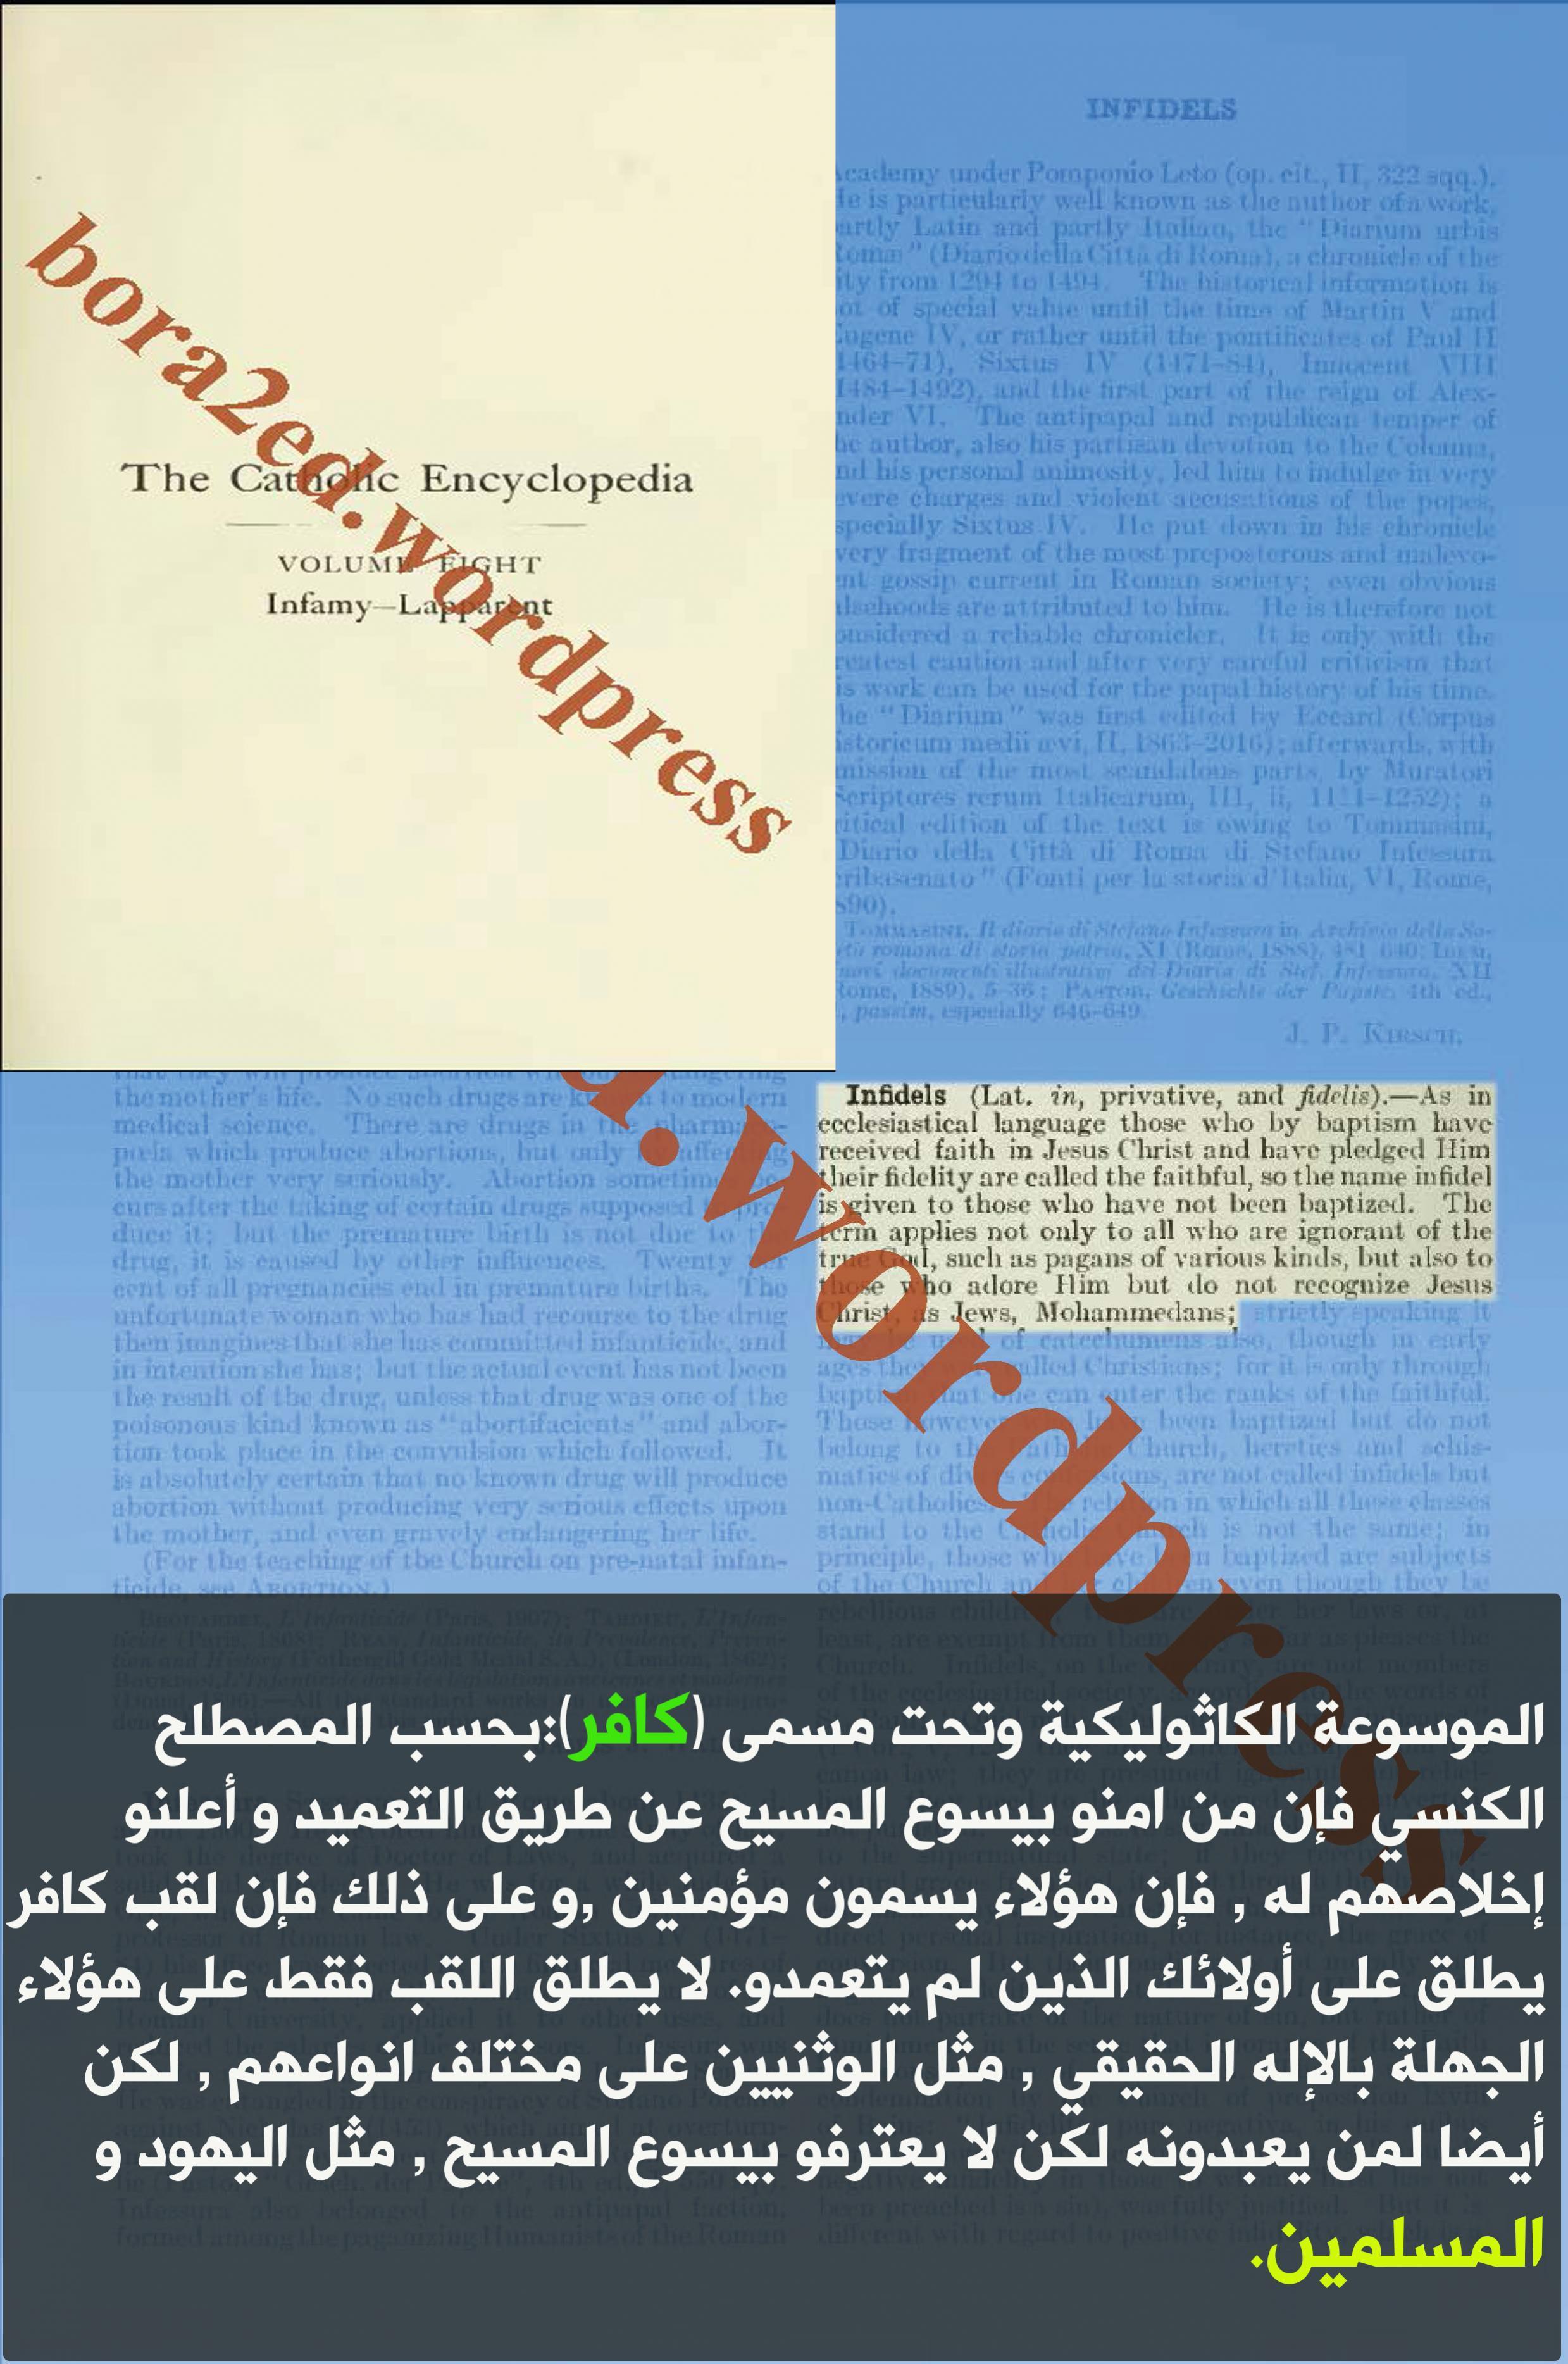 المسلمين واليهود بالنسبة للنصارى